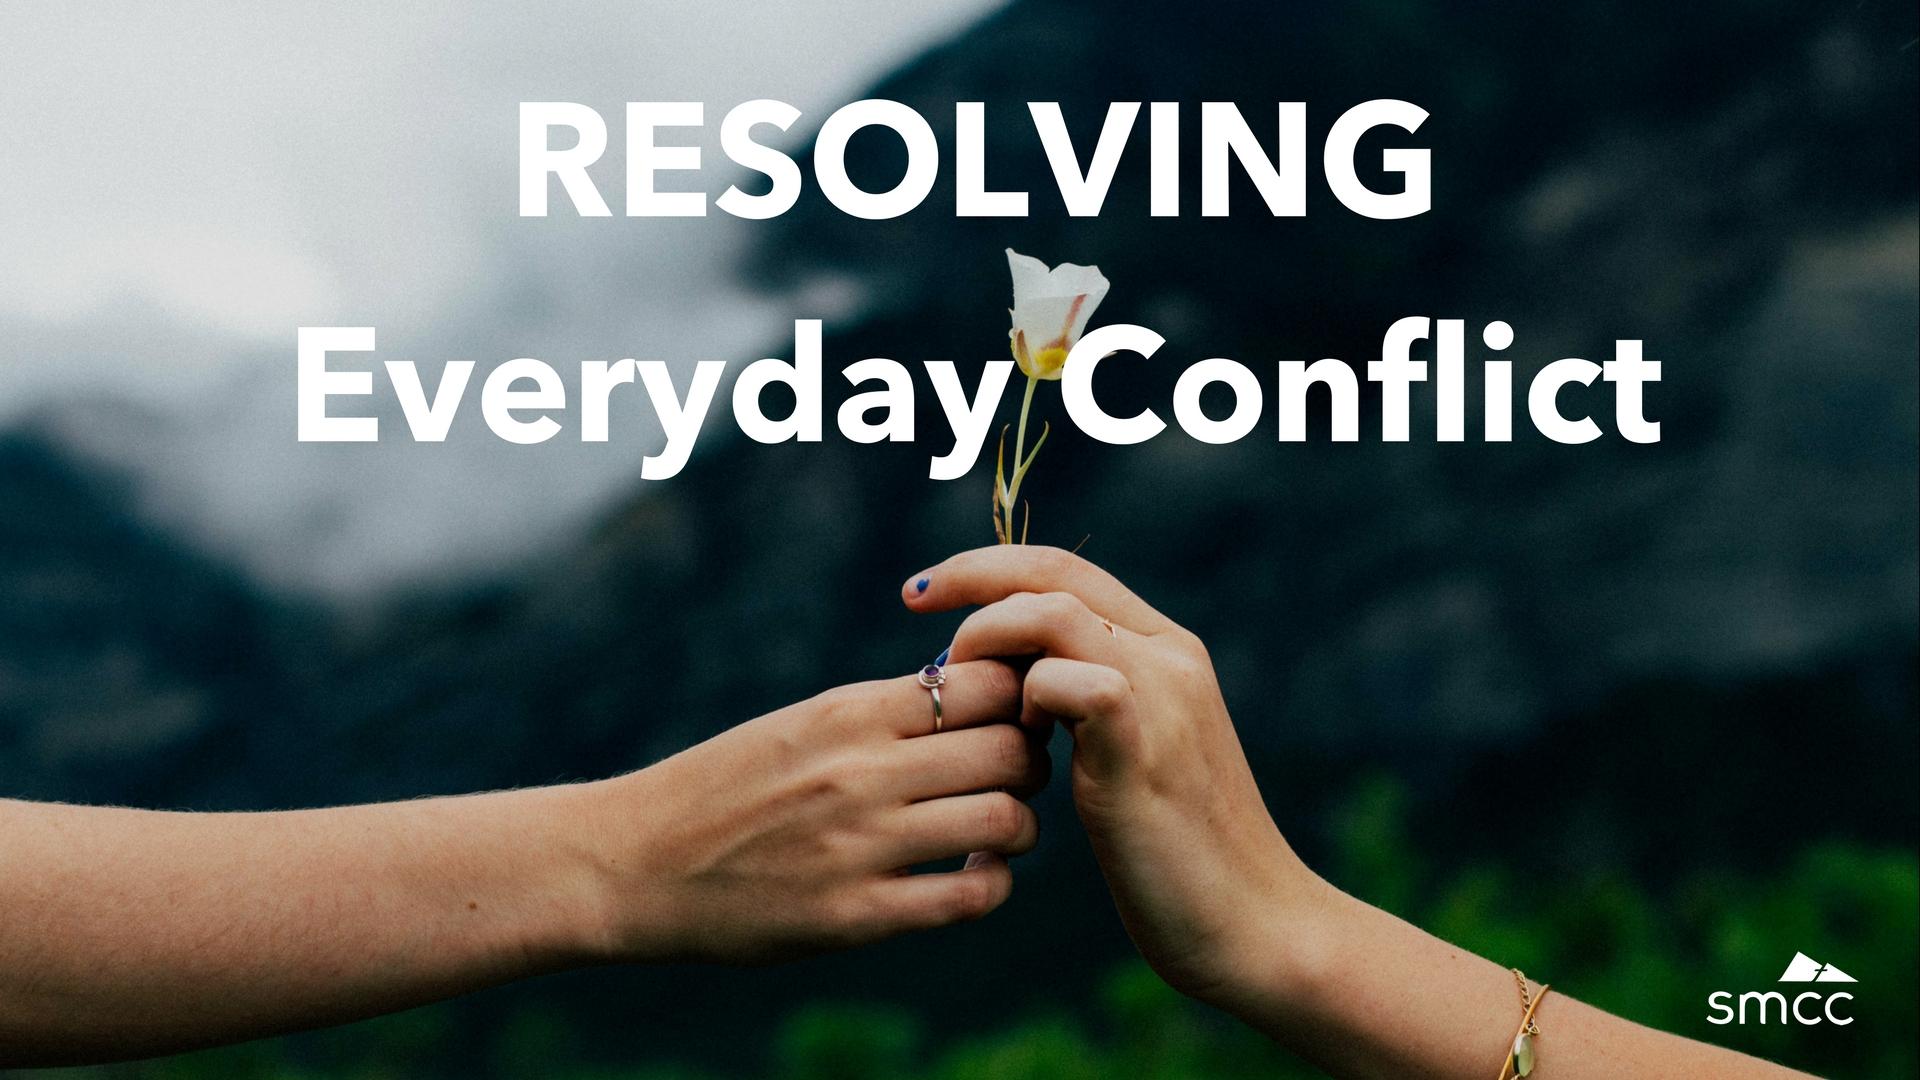 Resolvingeveryday conflict16x9